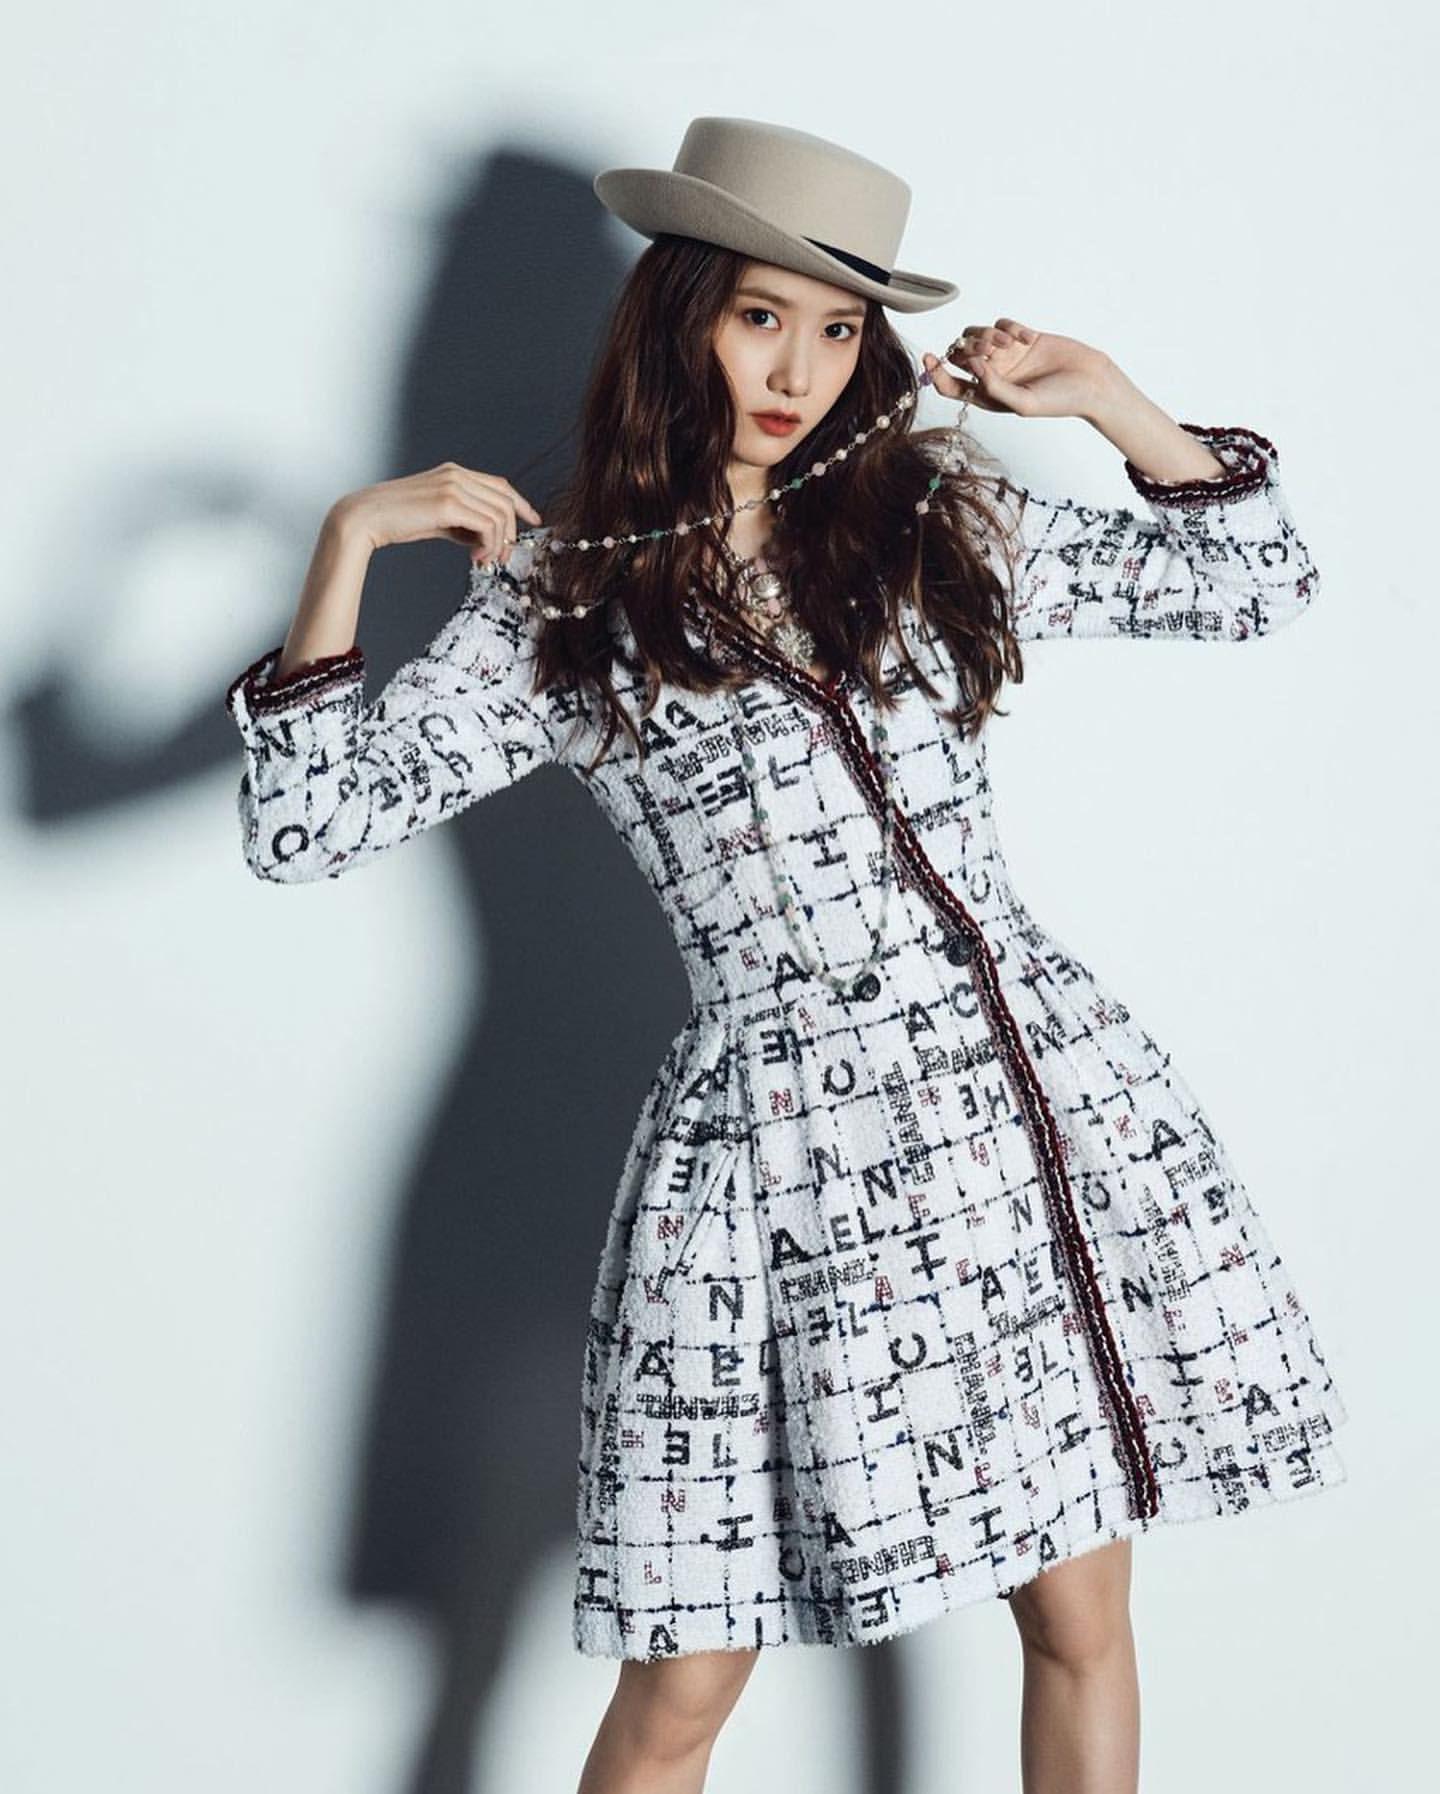 Cùng diện váy Chanel, Yoona đẹp hơn mẫu hãng còn Tống Thiến lại lên đồ theo cách chẳng ai ngờ - Ảnh 1.